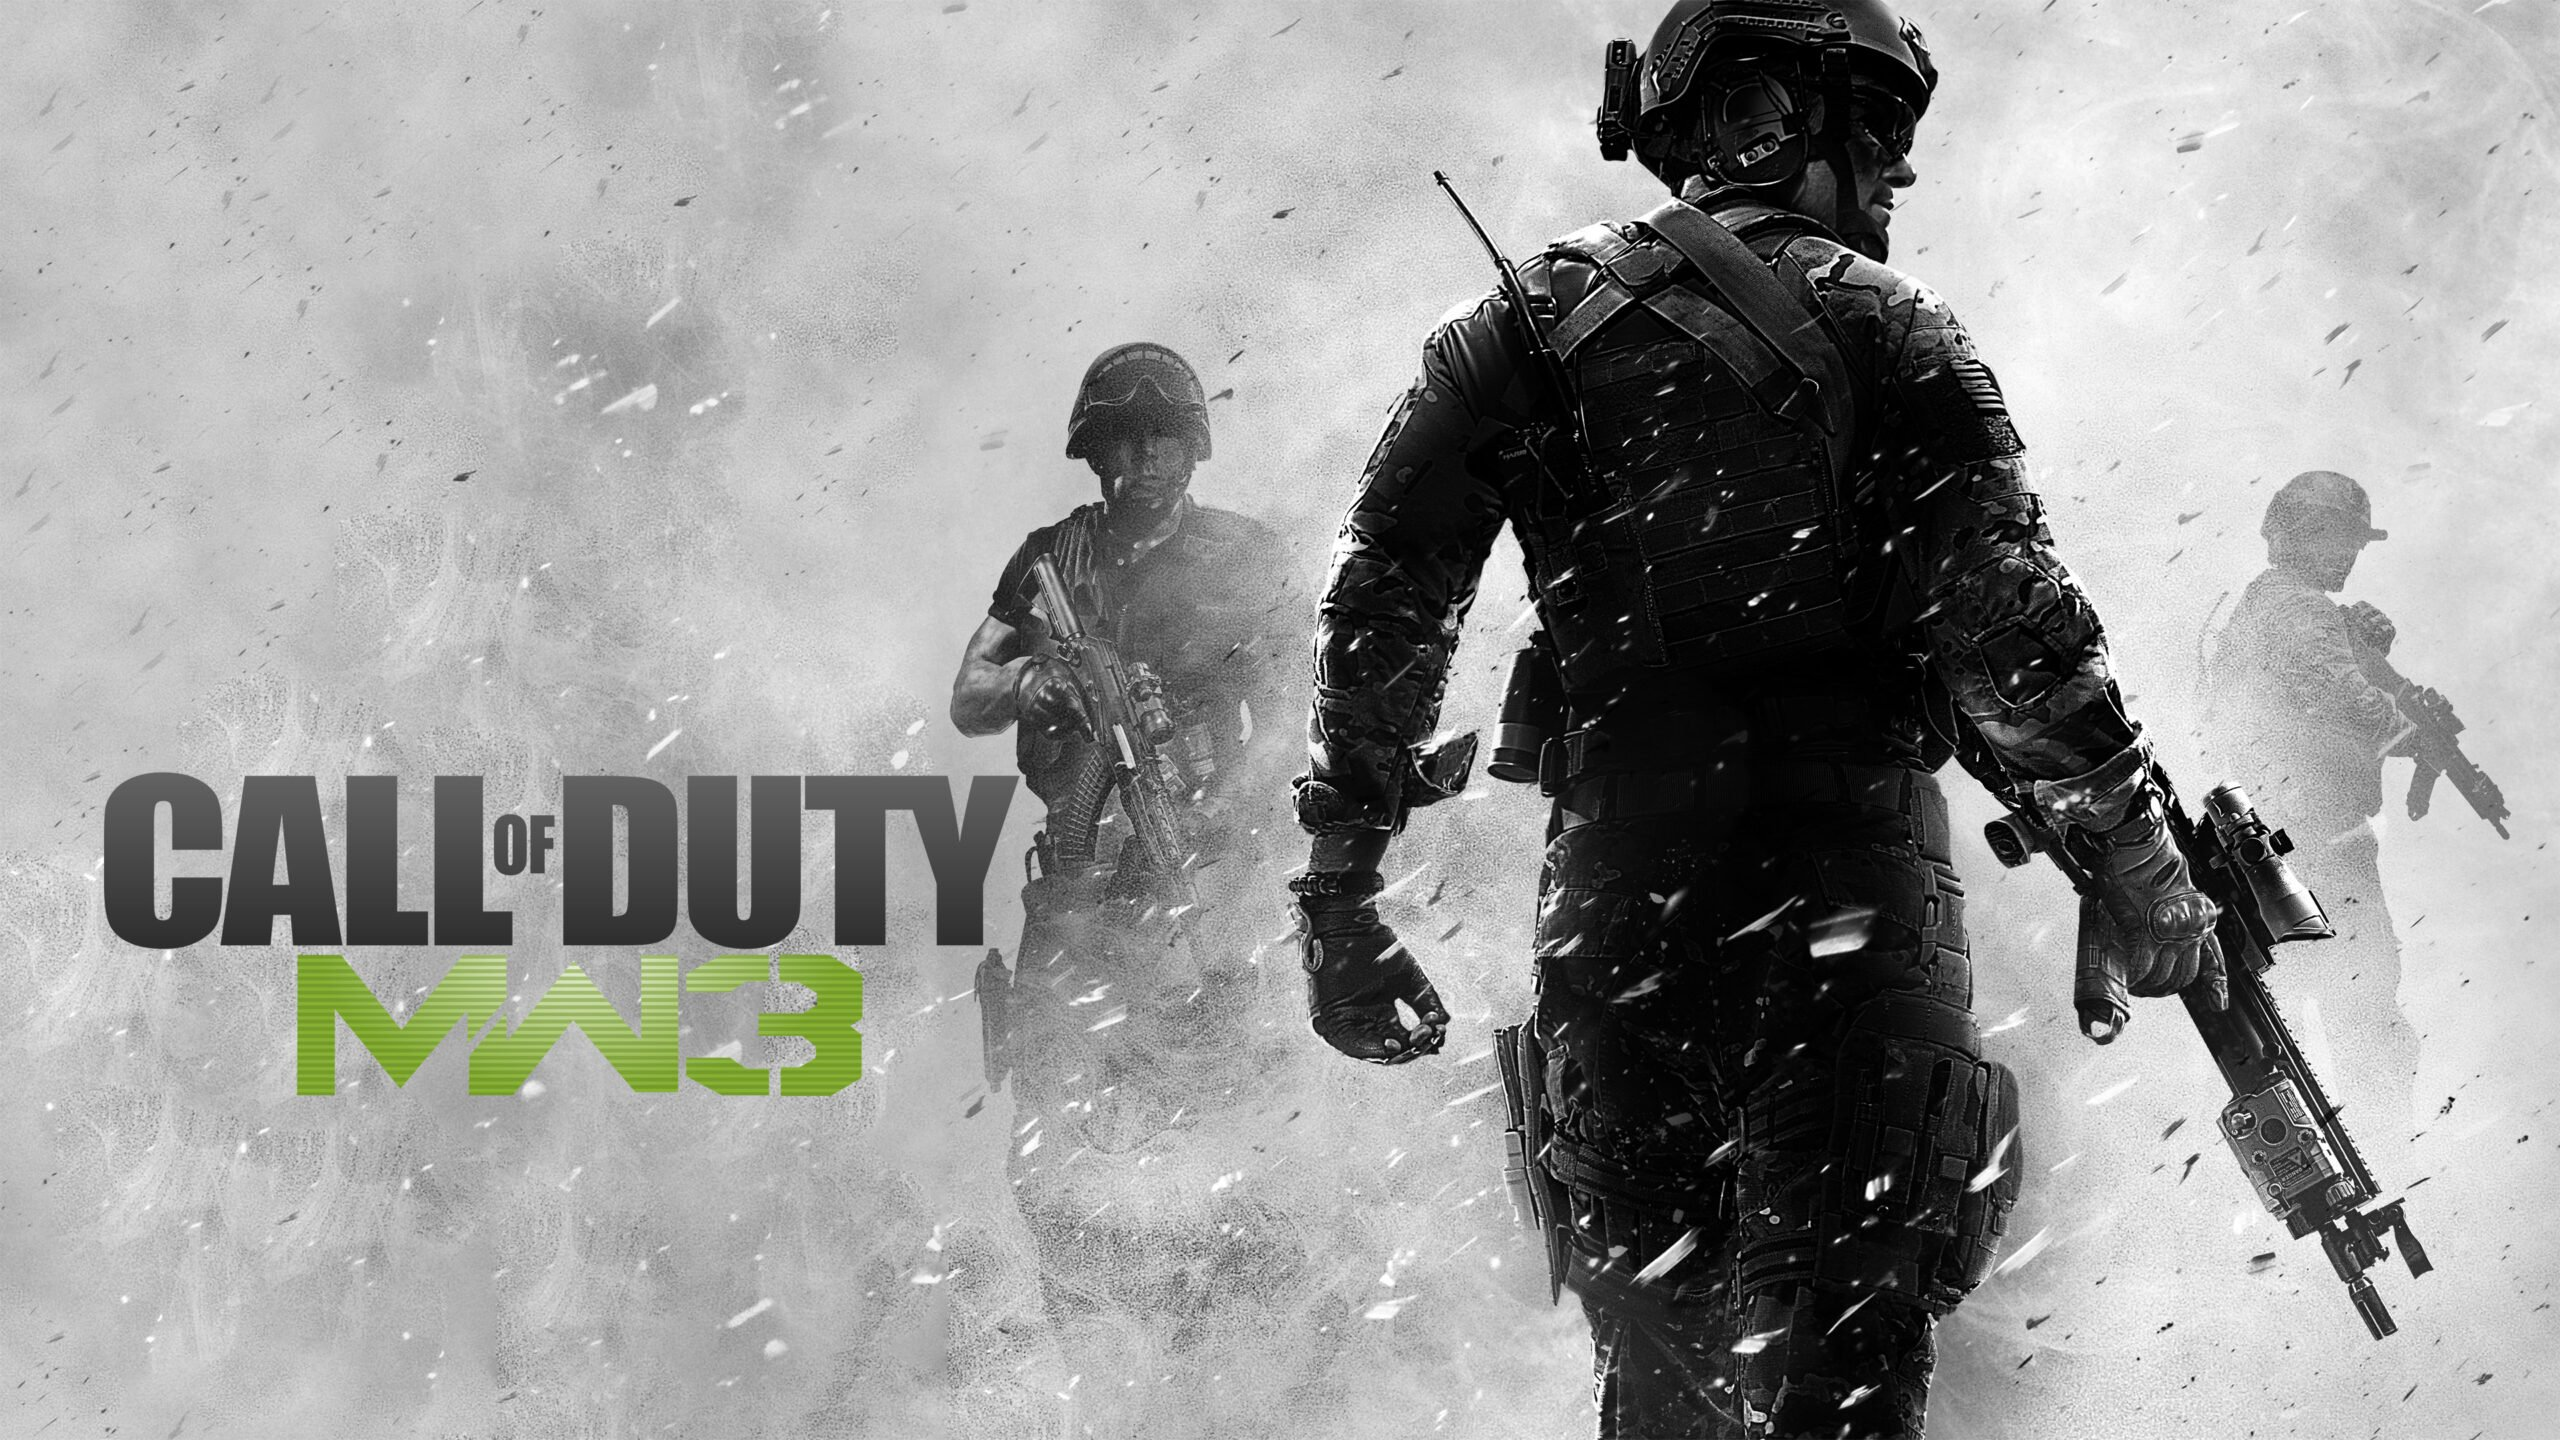 传《使命召唤8:现代战争3》战役重制版或于今年Q2推出 索尼独占1个月